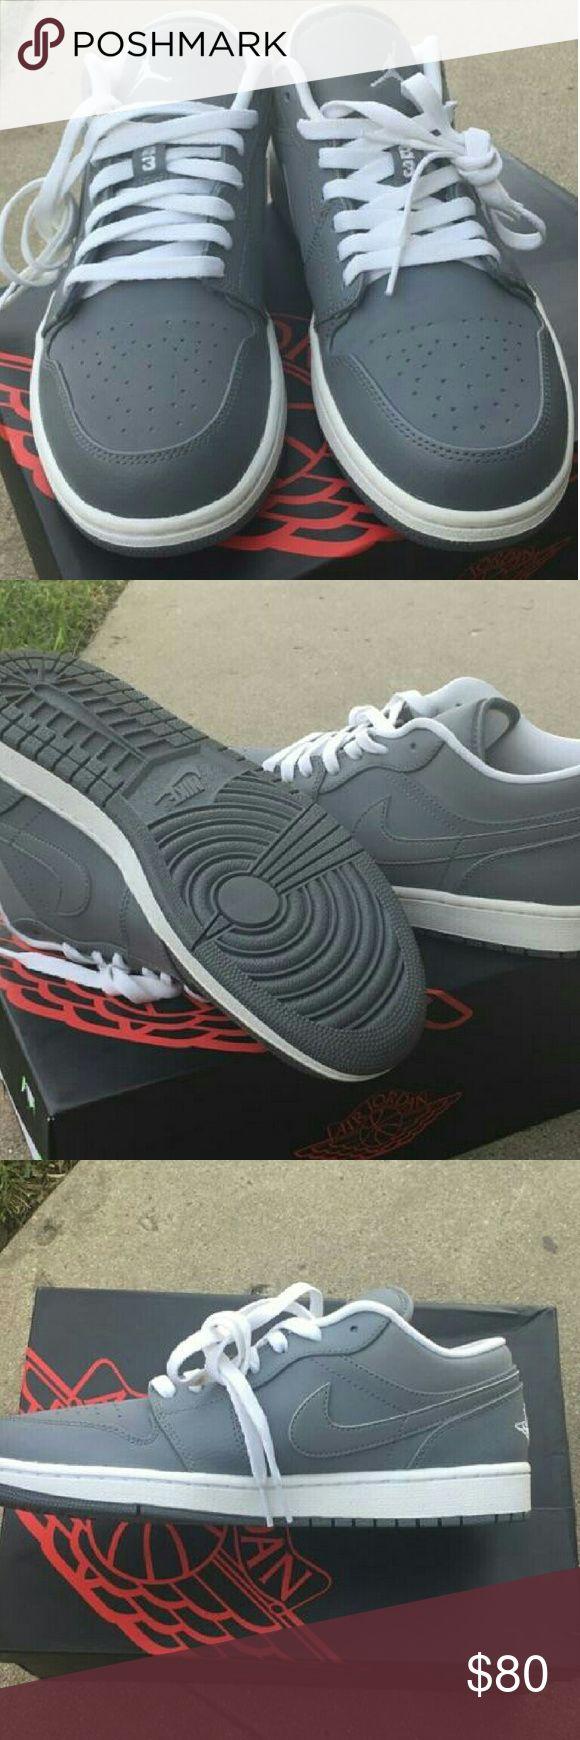 NWB Nike Air Jordan 1 low Nike Air Jordan 1 low cool gray/white.  Never worn with box Nike Shoes Sneakers